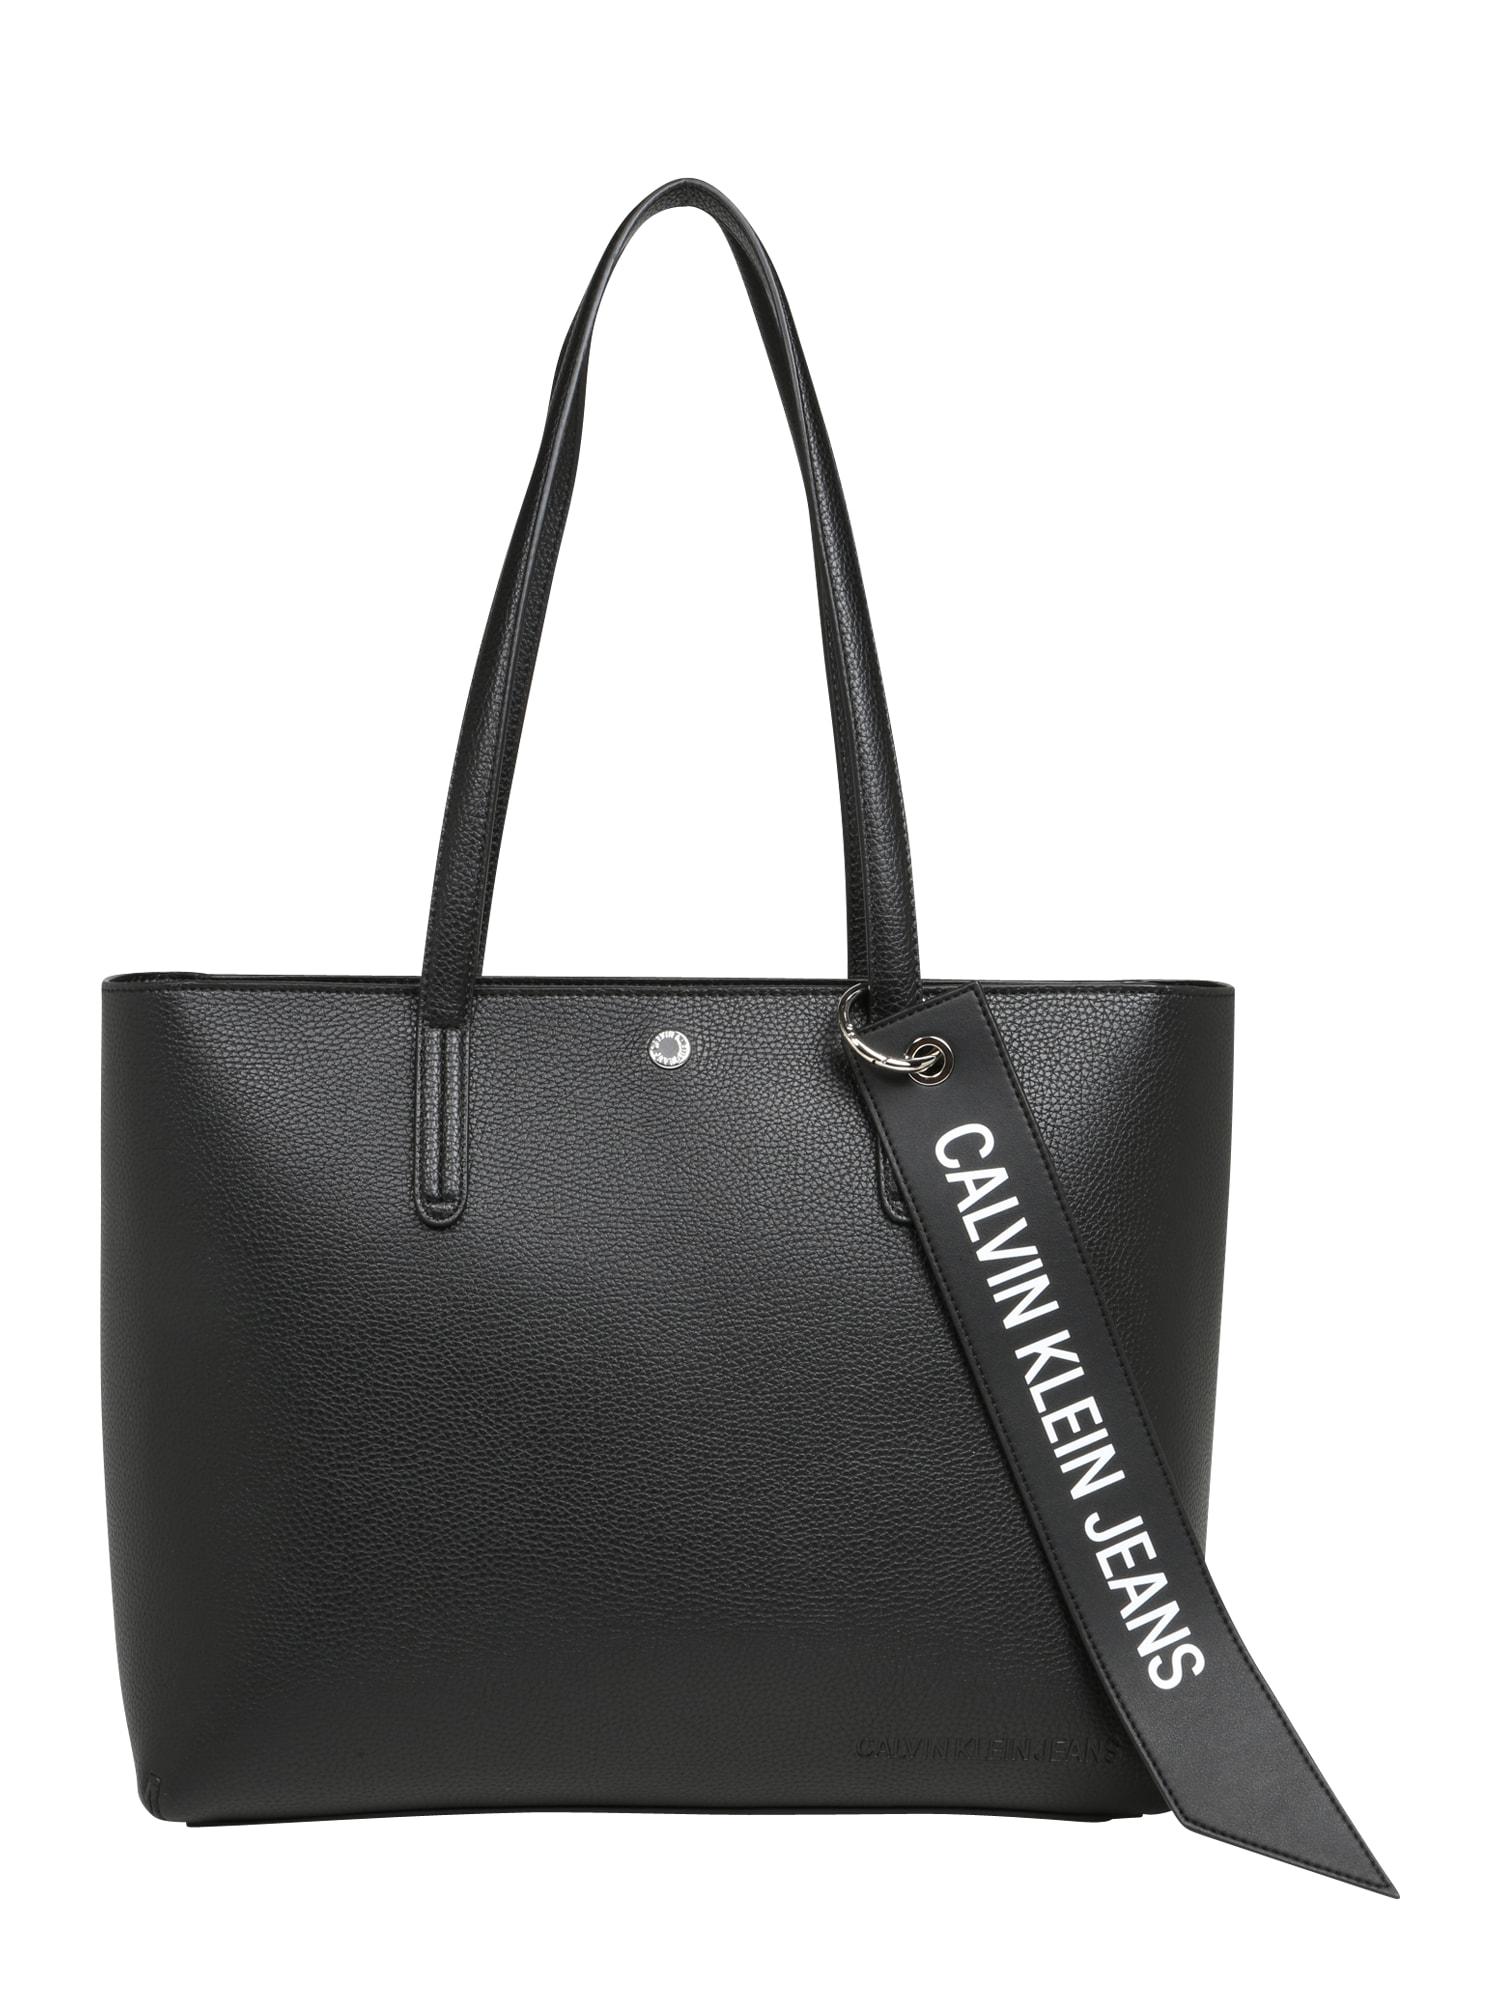 Calvin Klein Jeans Pirkinių krepšys